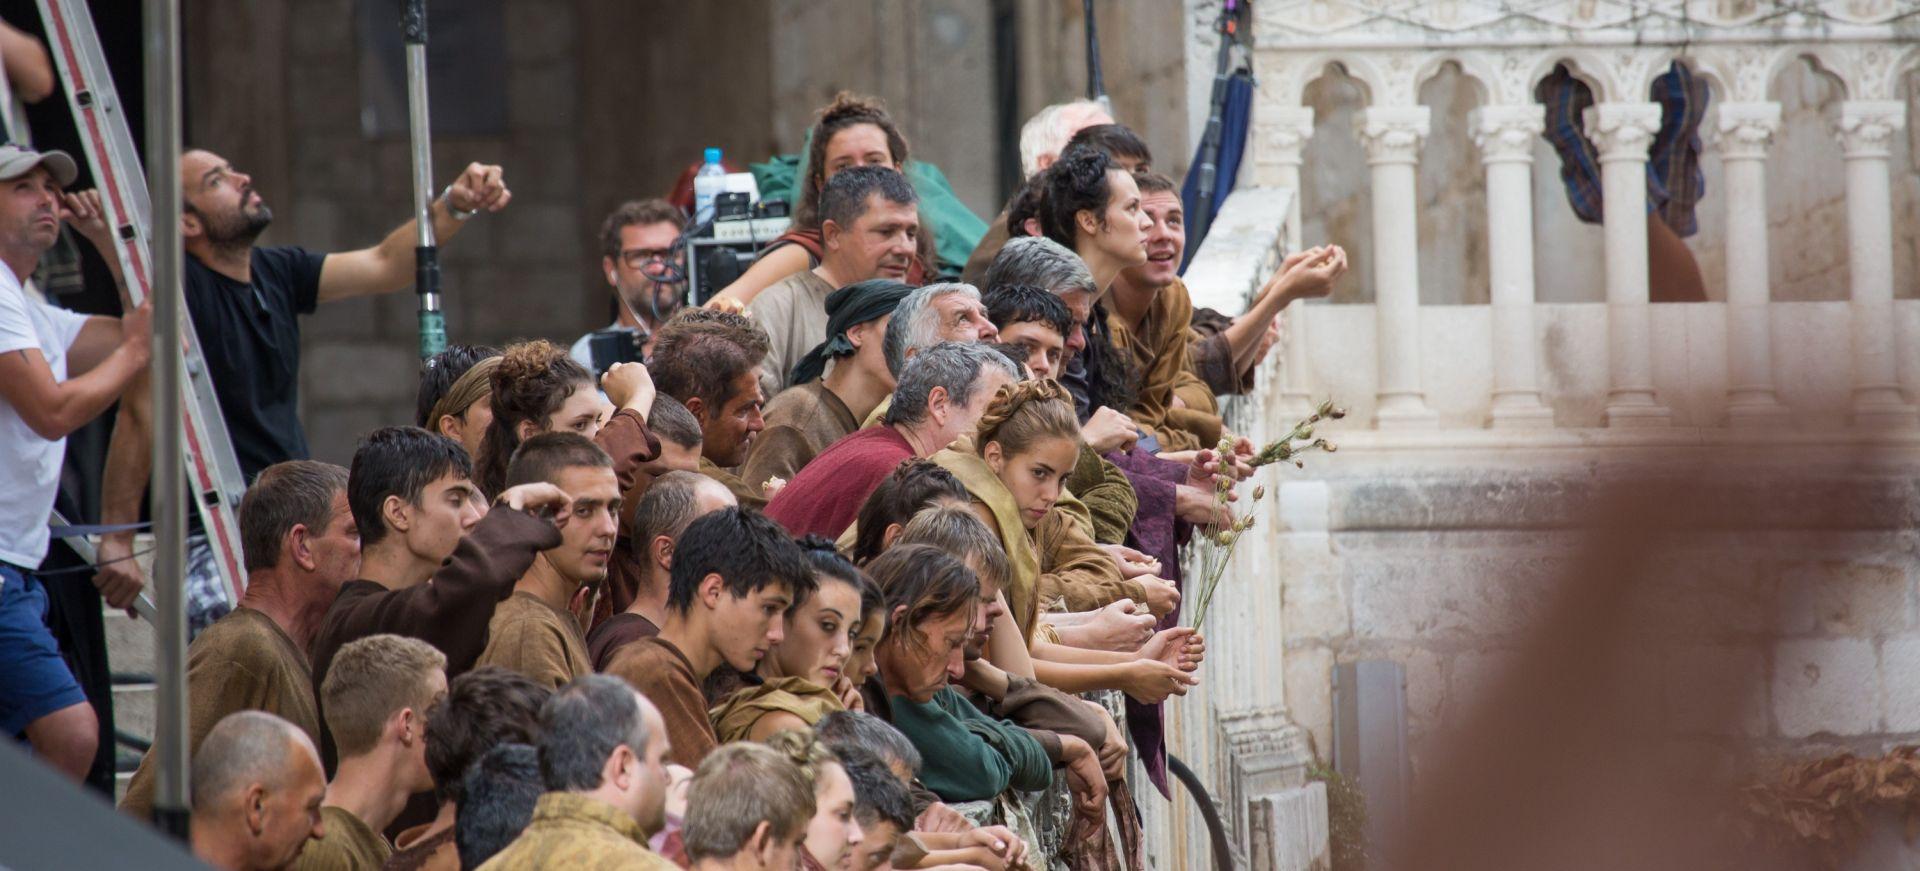 Dubrovnik i u sedmoj sezoni 'Igre prijestolja' 'glumi' King's Landing